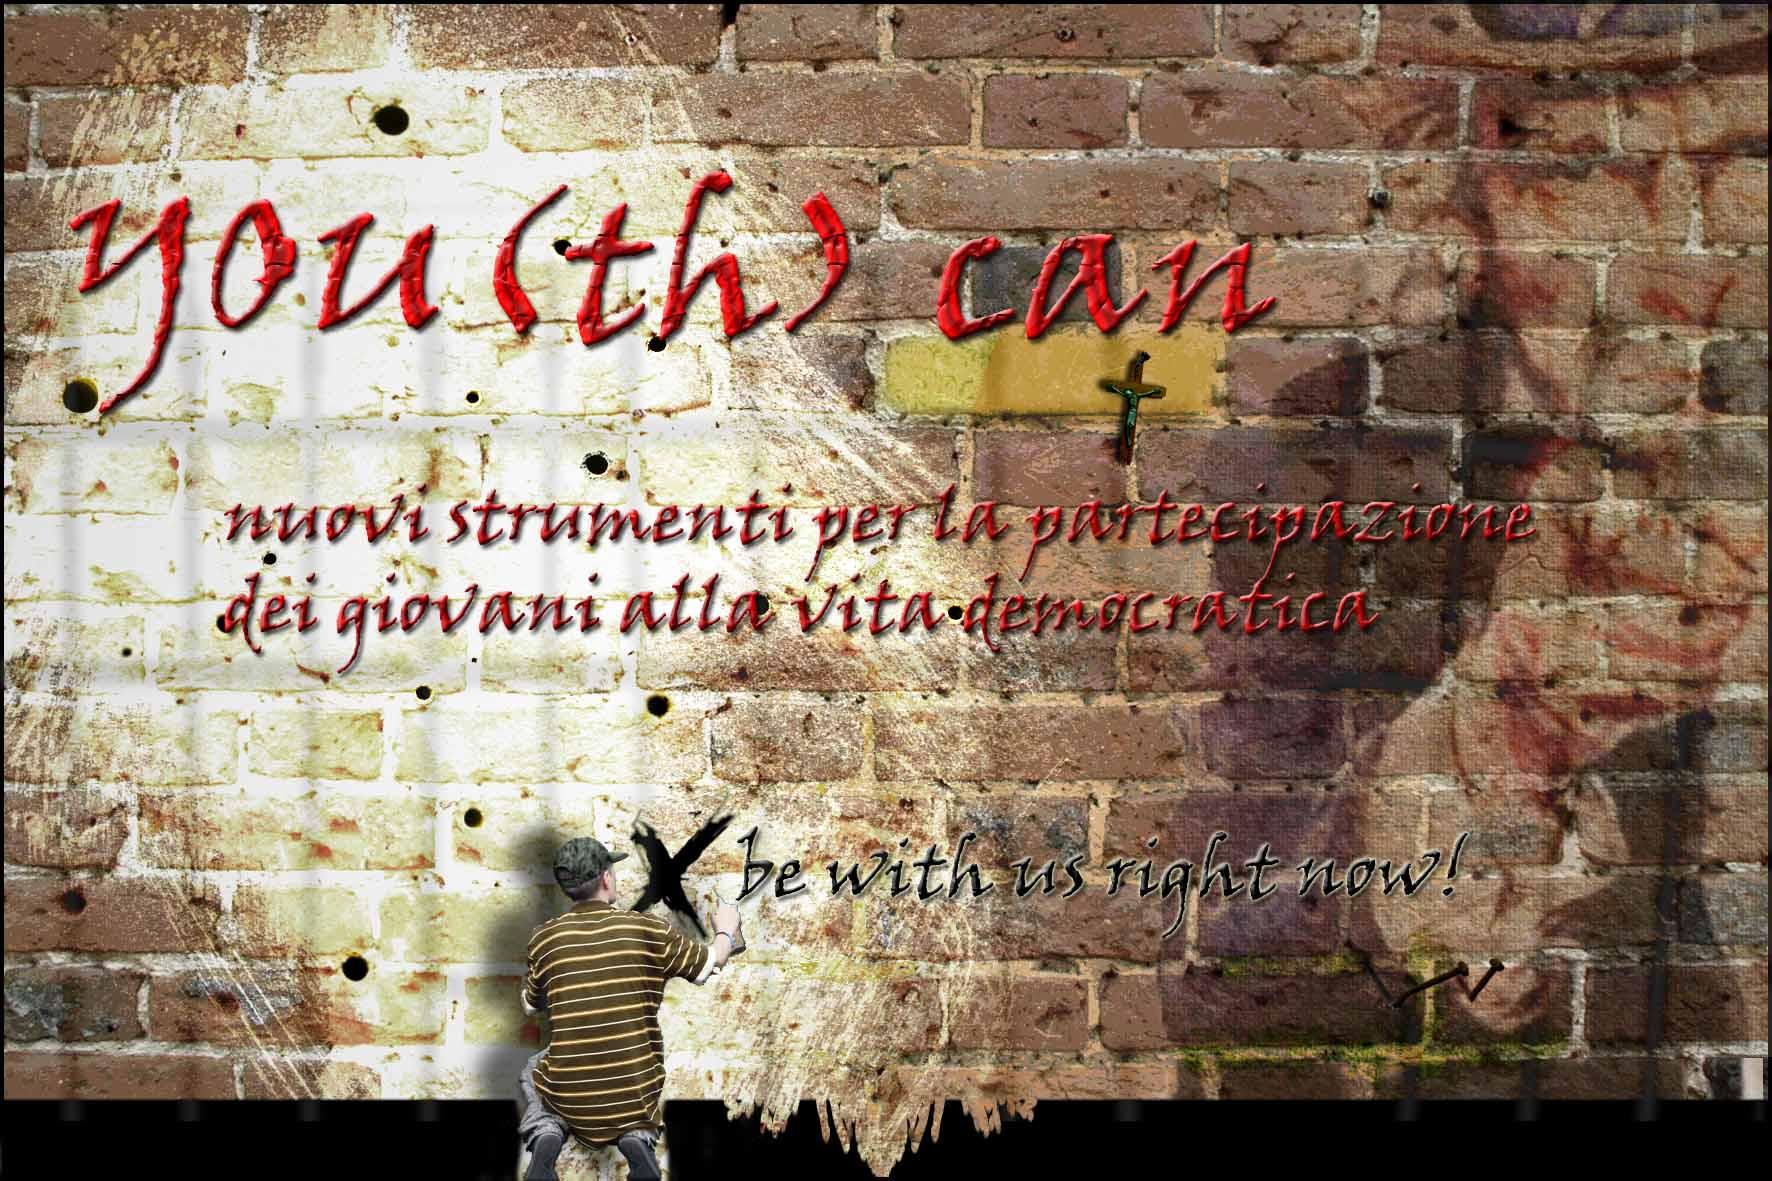 YOU(th) can - nuovi strumenti per la partecipazione dei giovani alla vita democratica